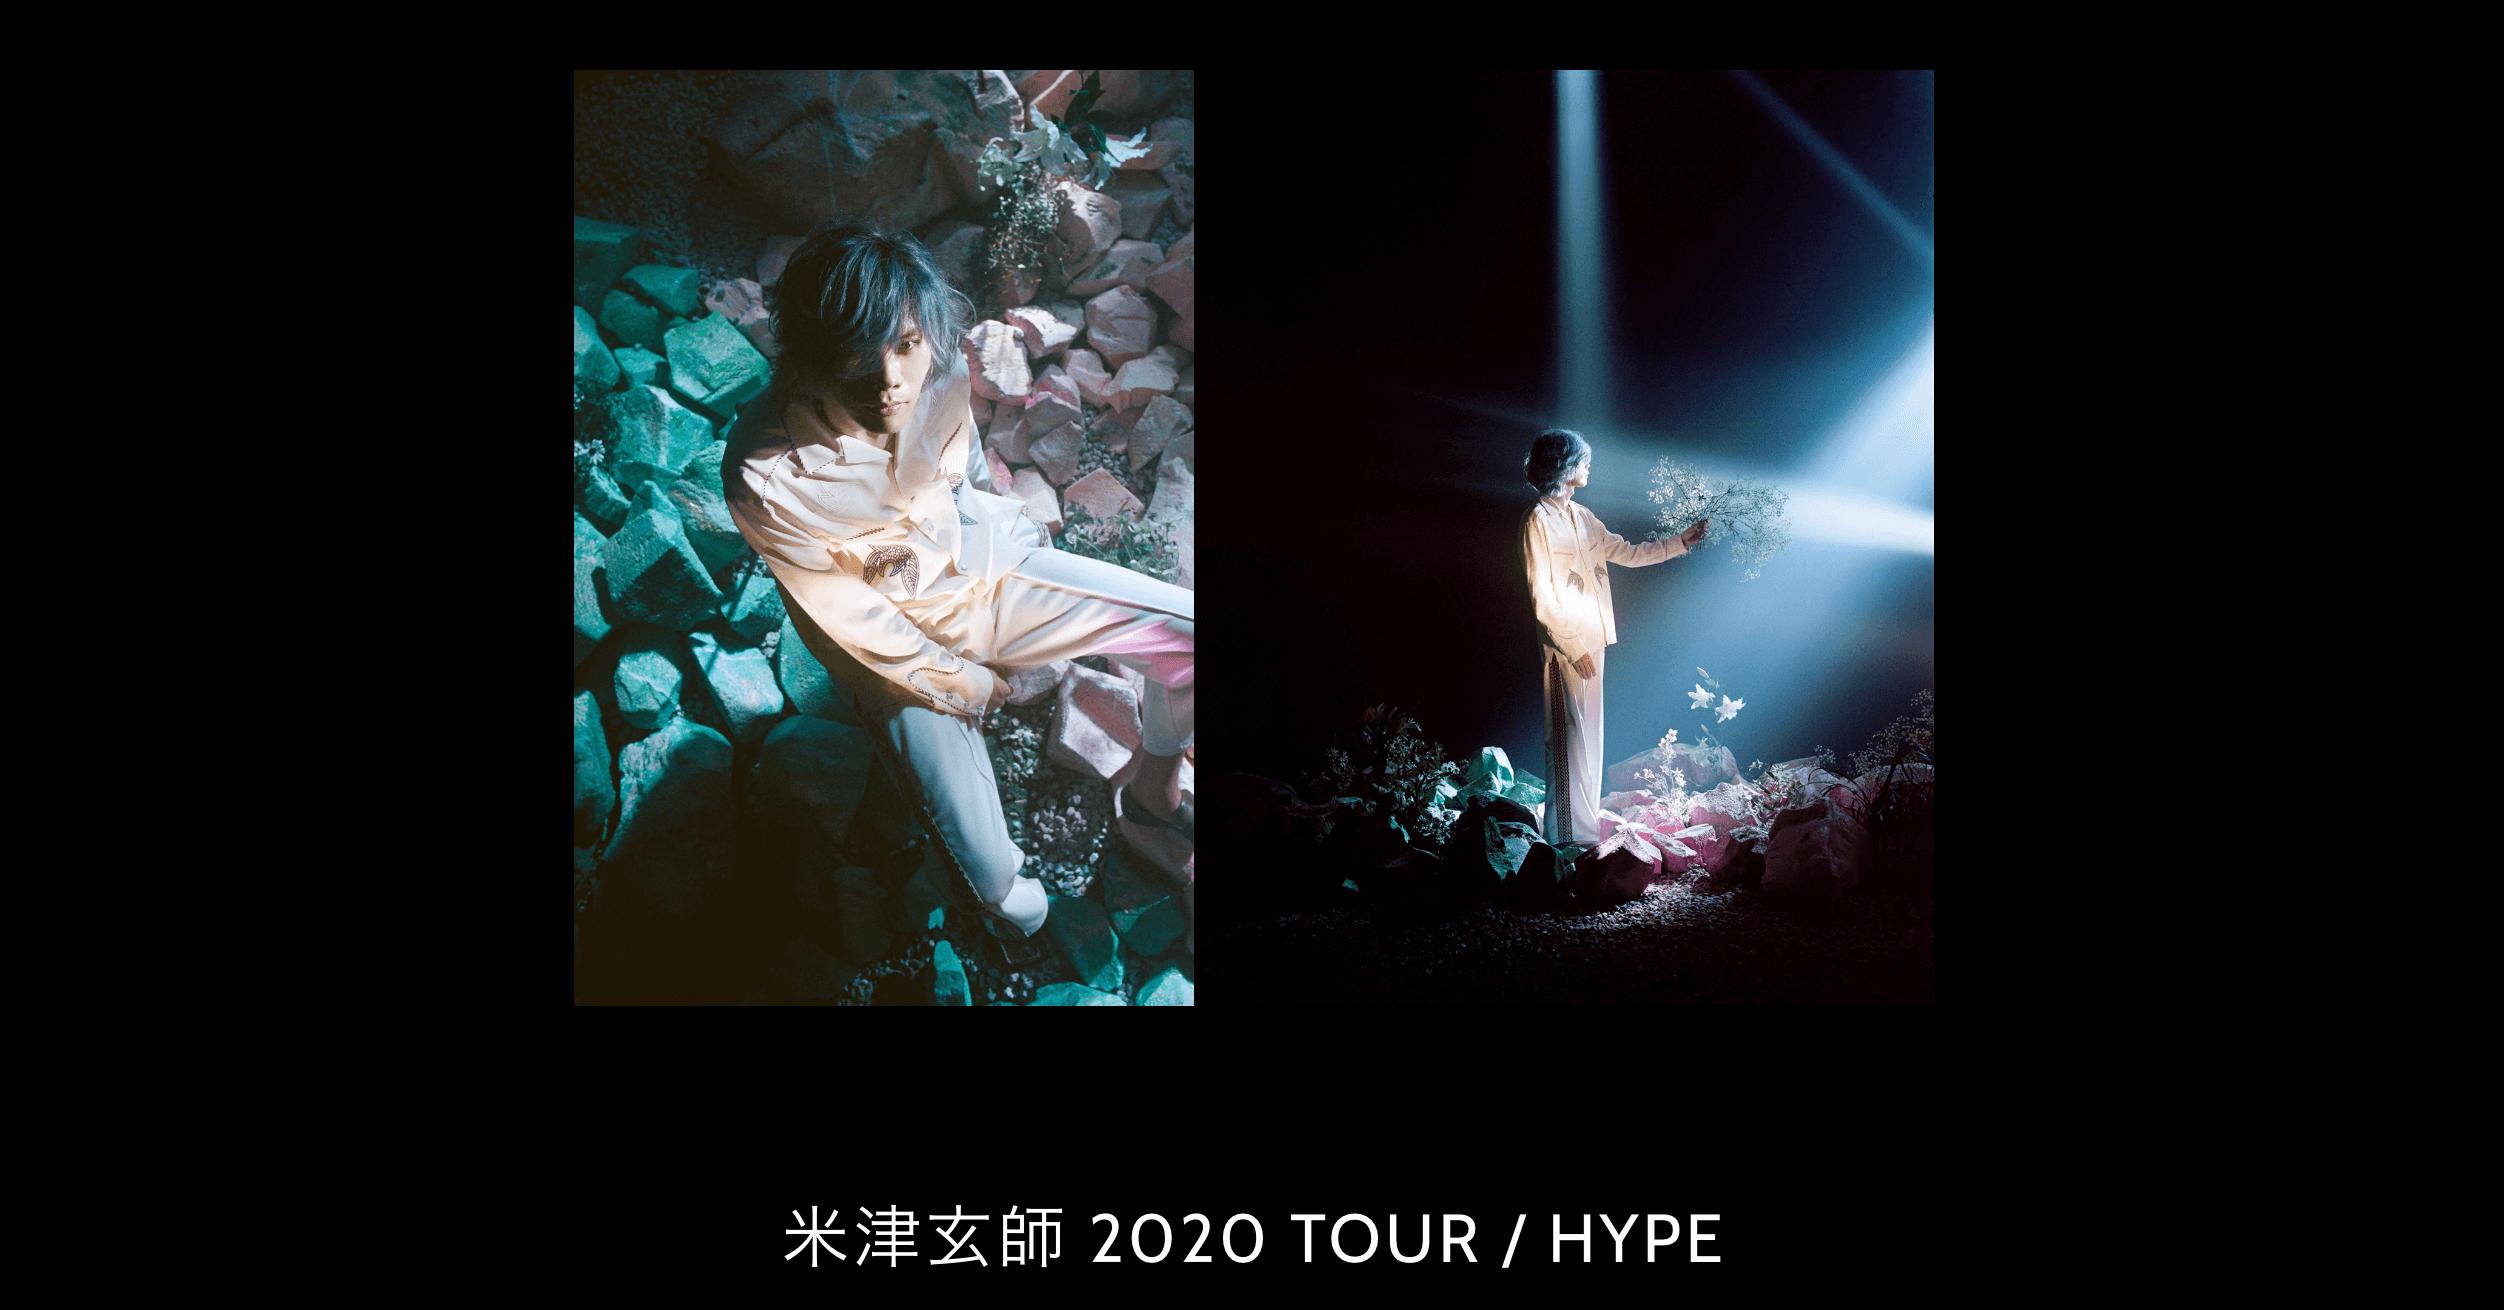 米津 玄 師 ライブ チケット 2020